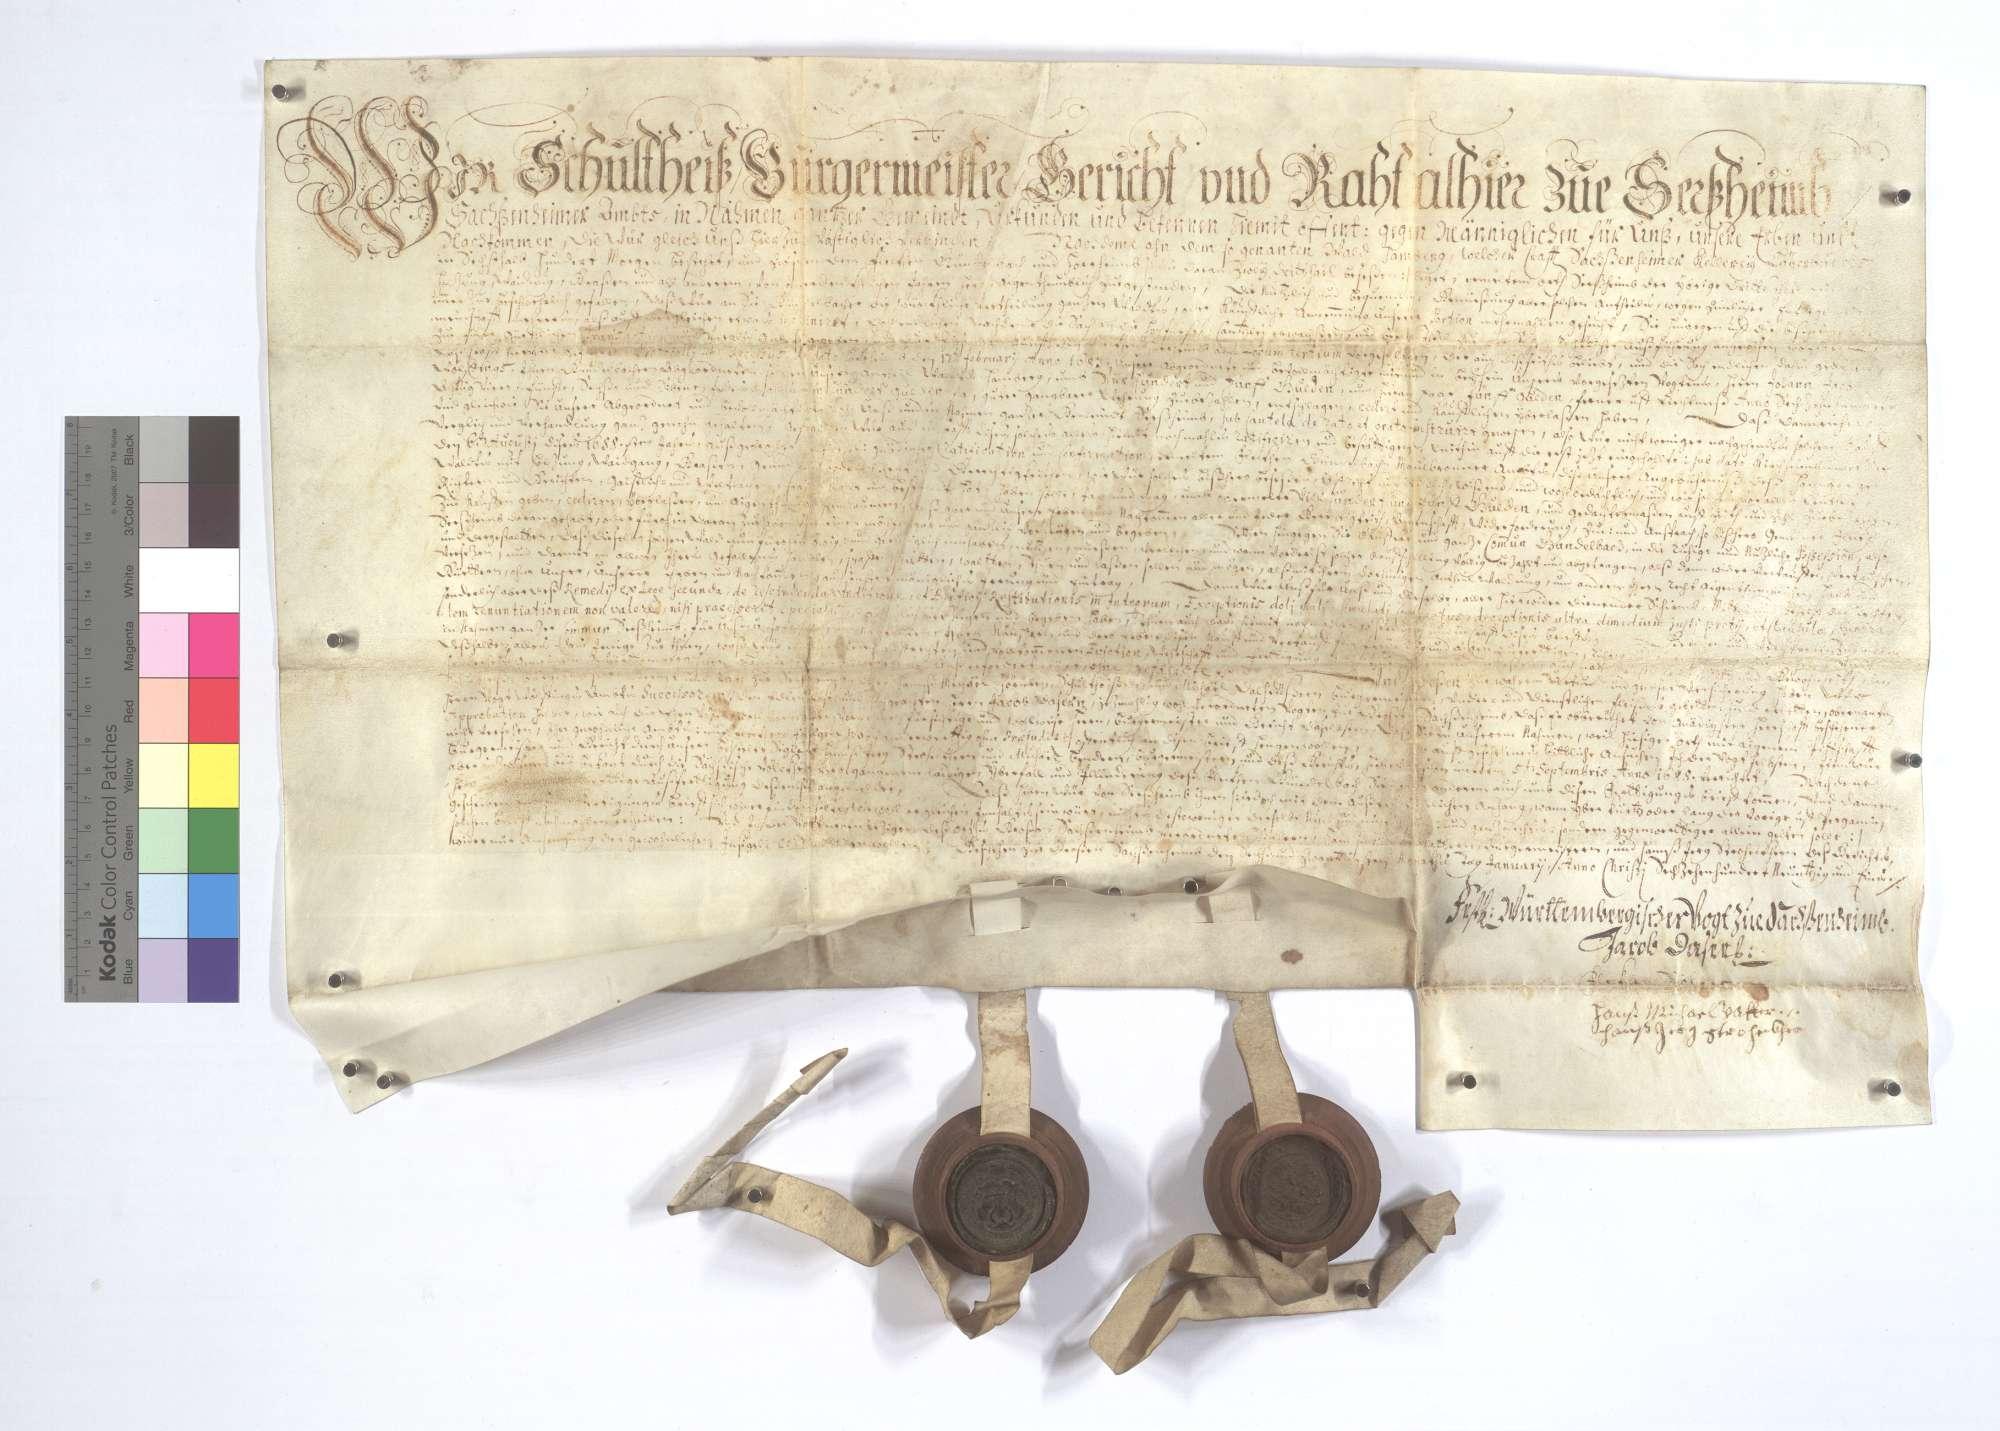 Erneuerung eines Kaufbriefs über den Verkauf eines Anteils vom Wald Hamberg seitens der Gemeinde Sersheim an die Gemeinde Gündelbach., Text